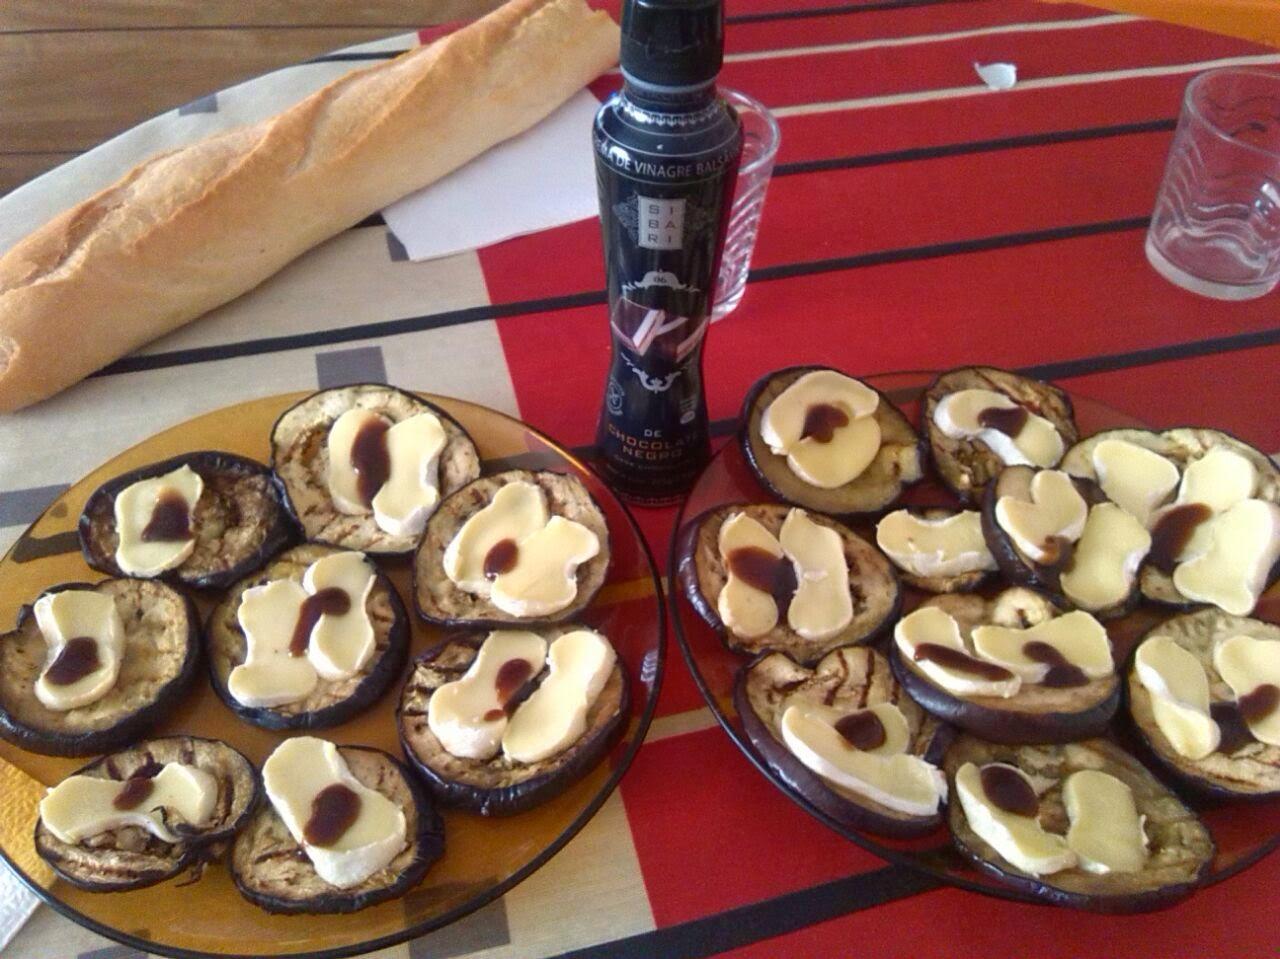 Berenjena con brie y balsámico de chocolate